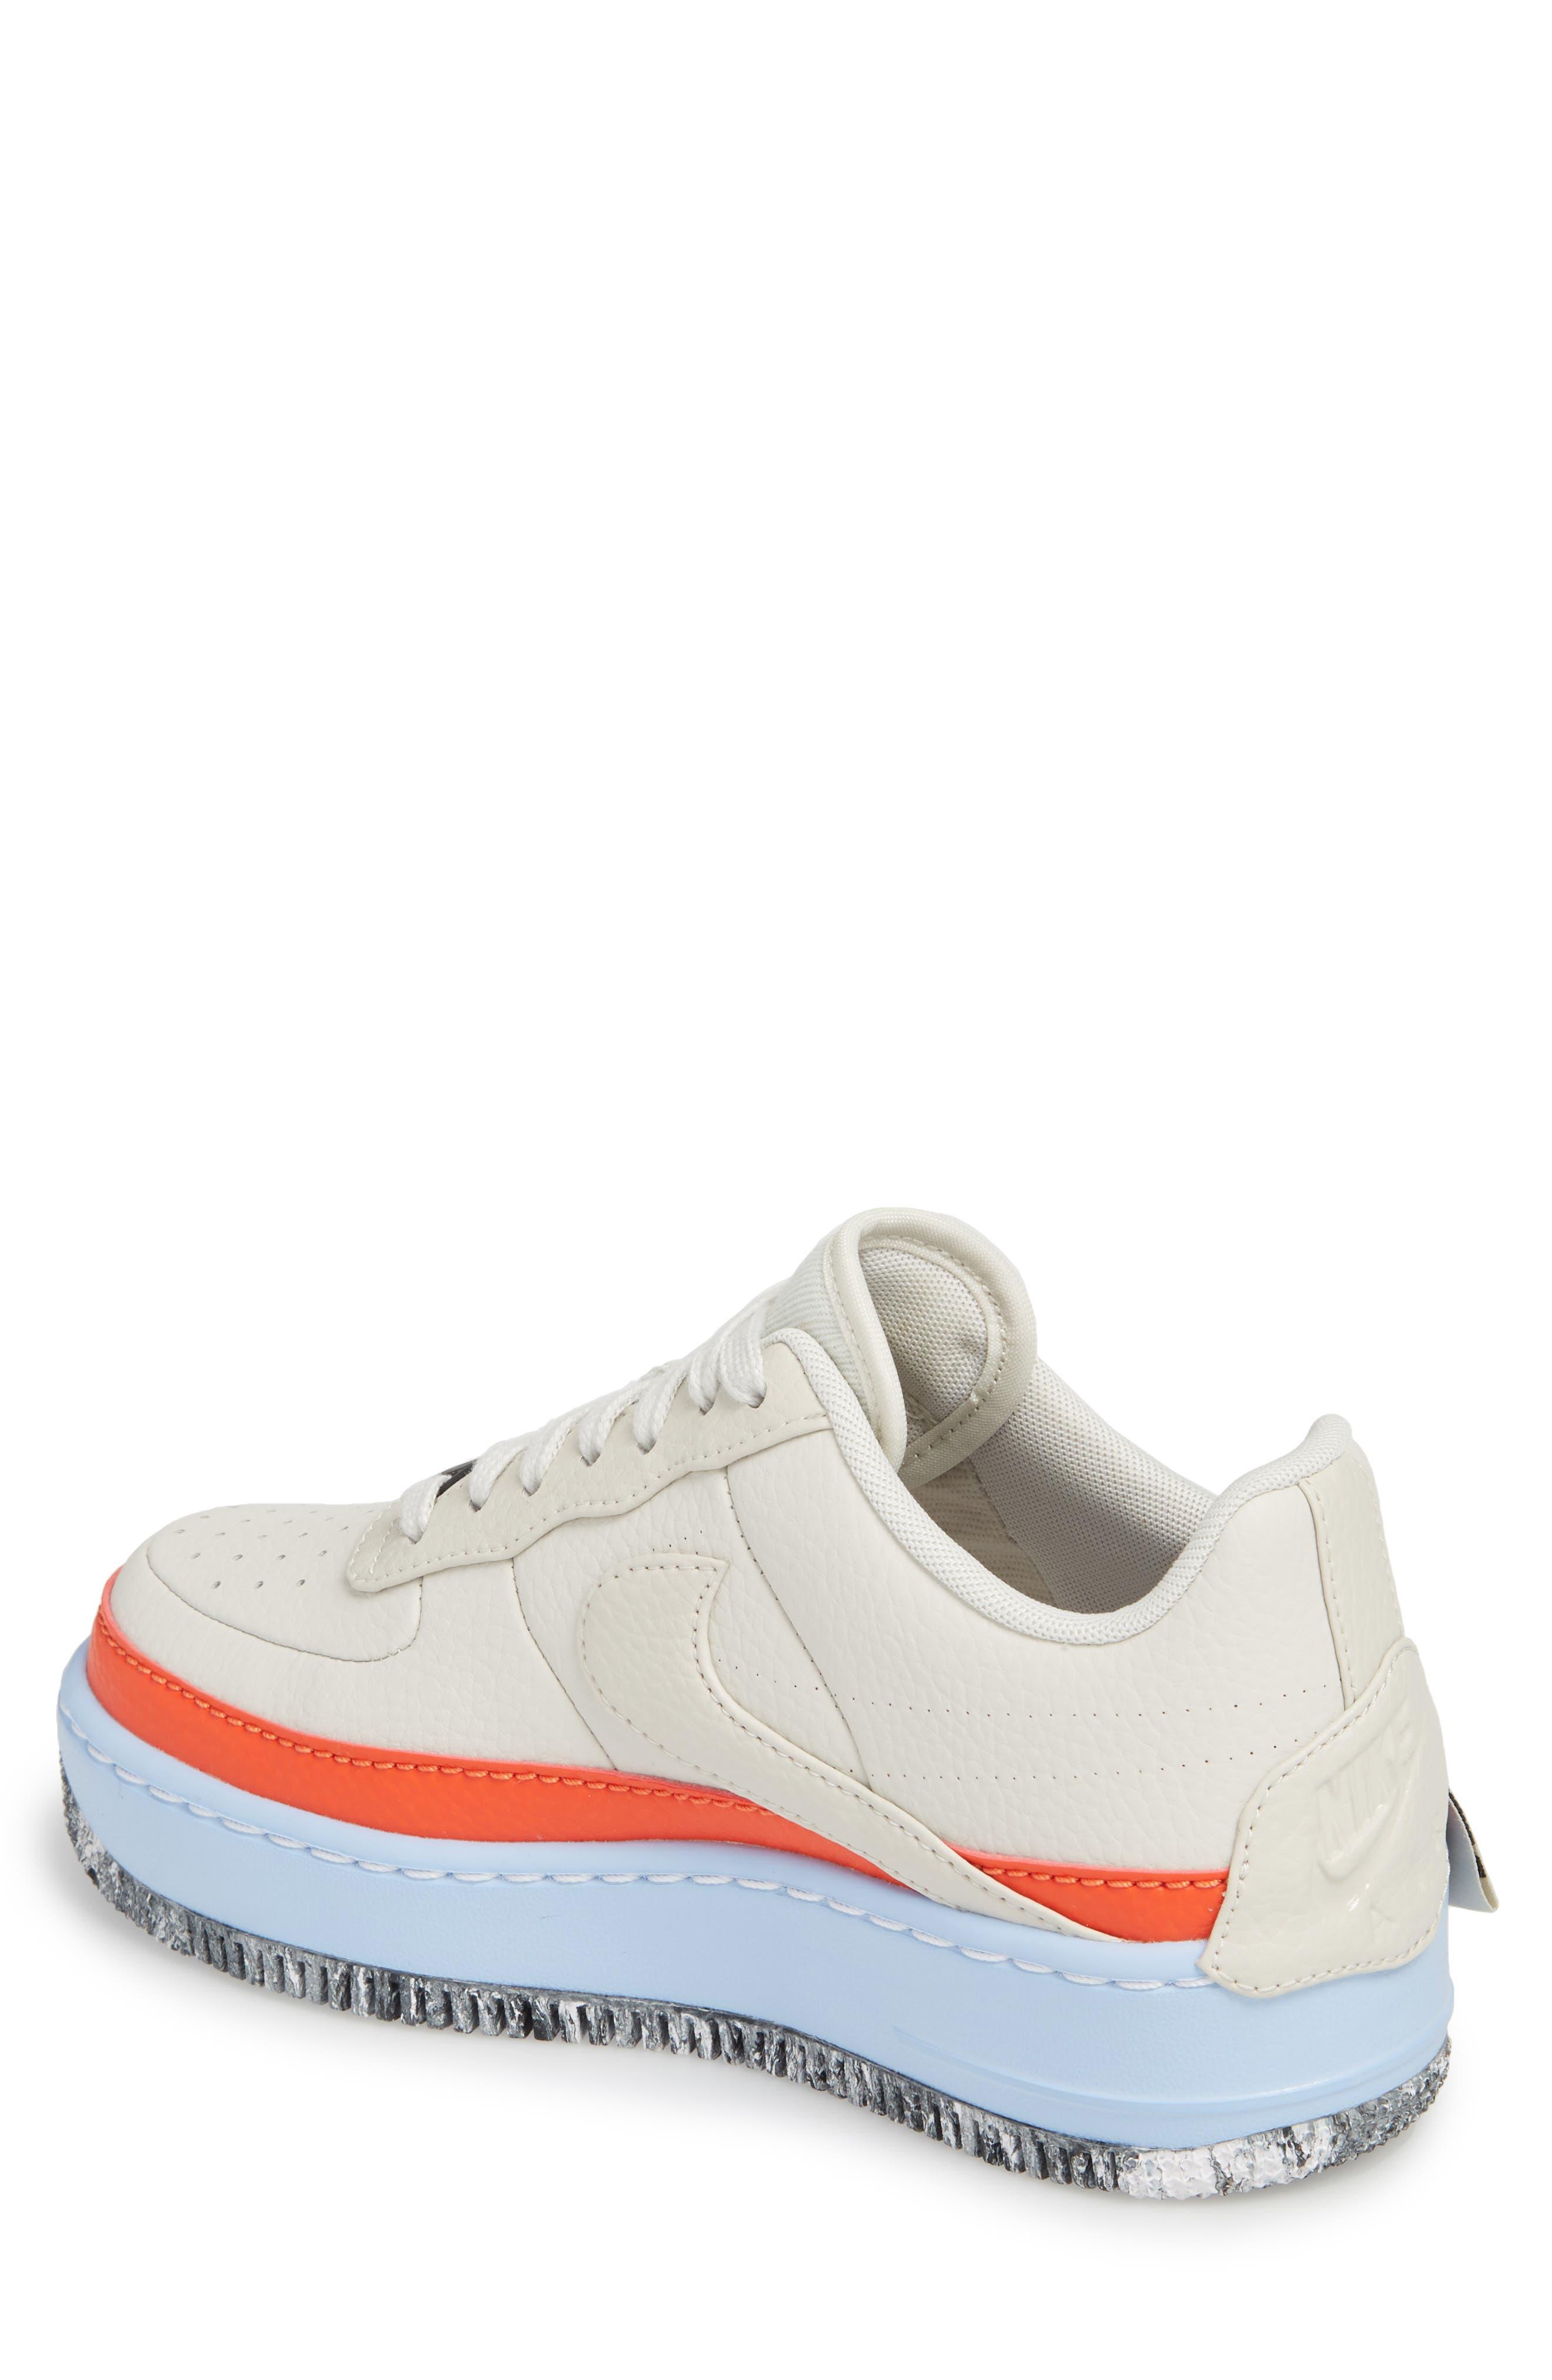 Air Force 1 Jester XX Sneaker,                             Alternate thumbnail 2, color,                             LIGHT BONE/ TEAM ORANGE